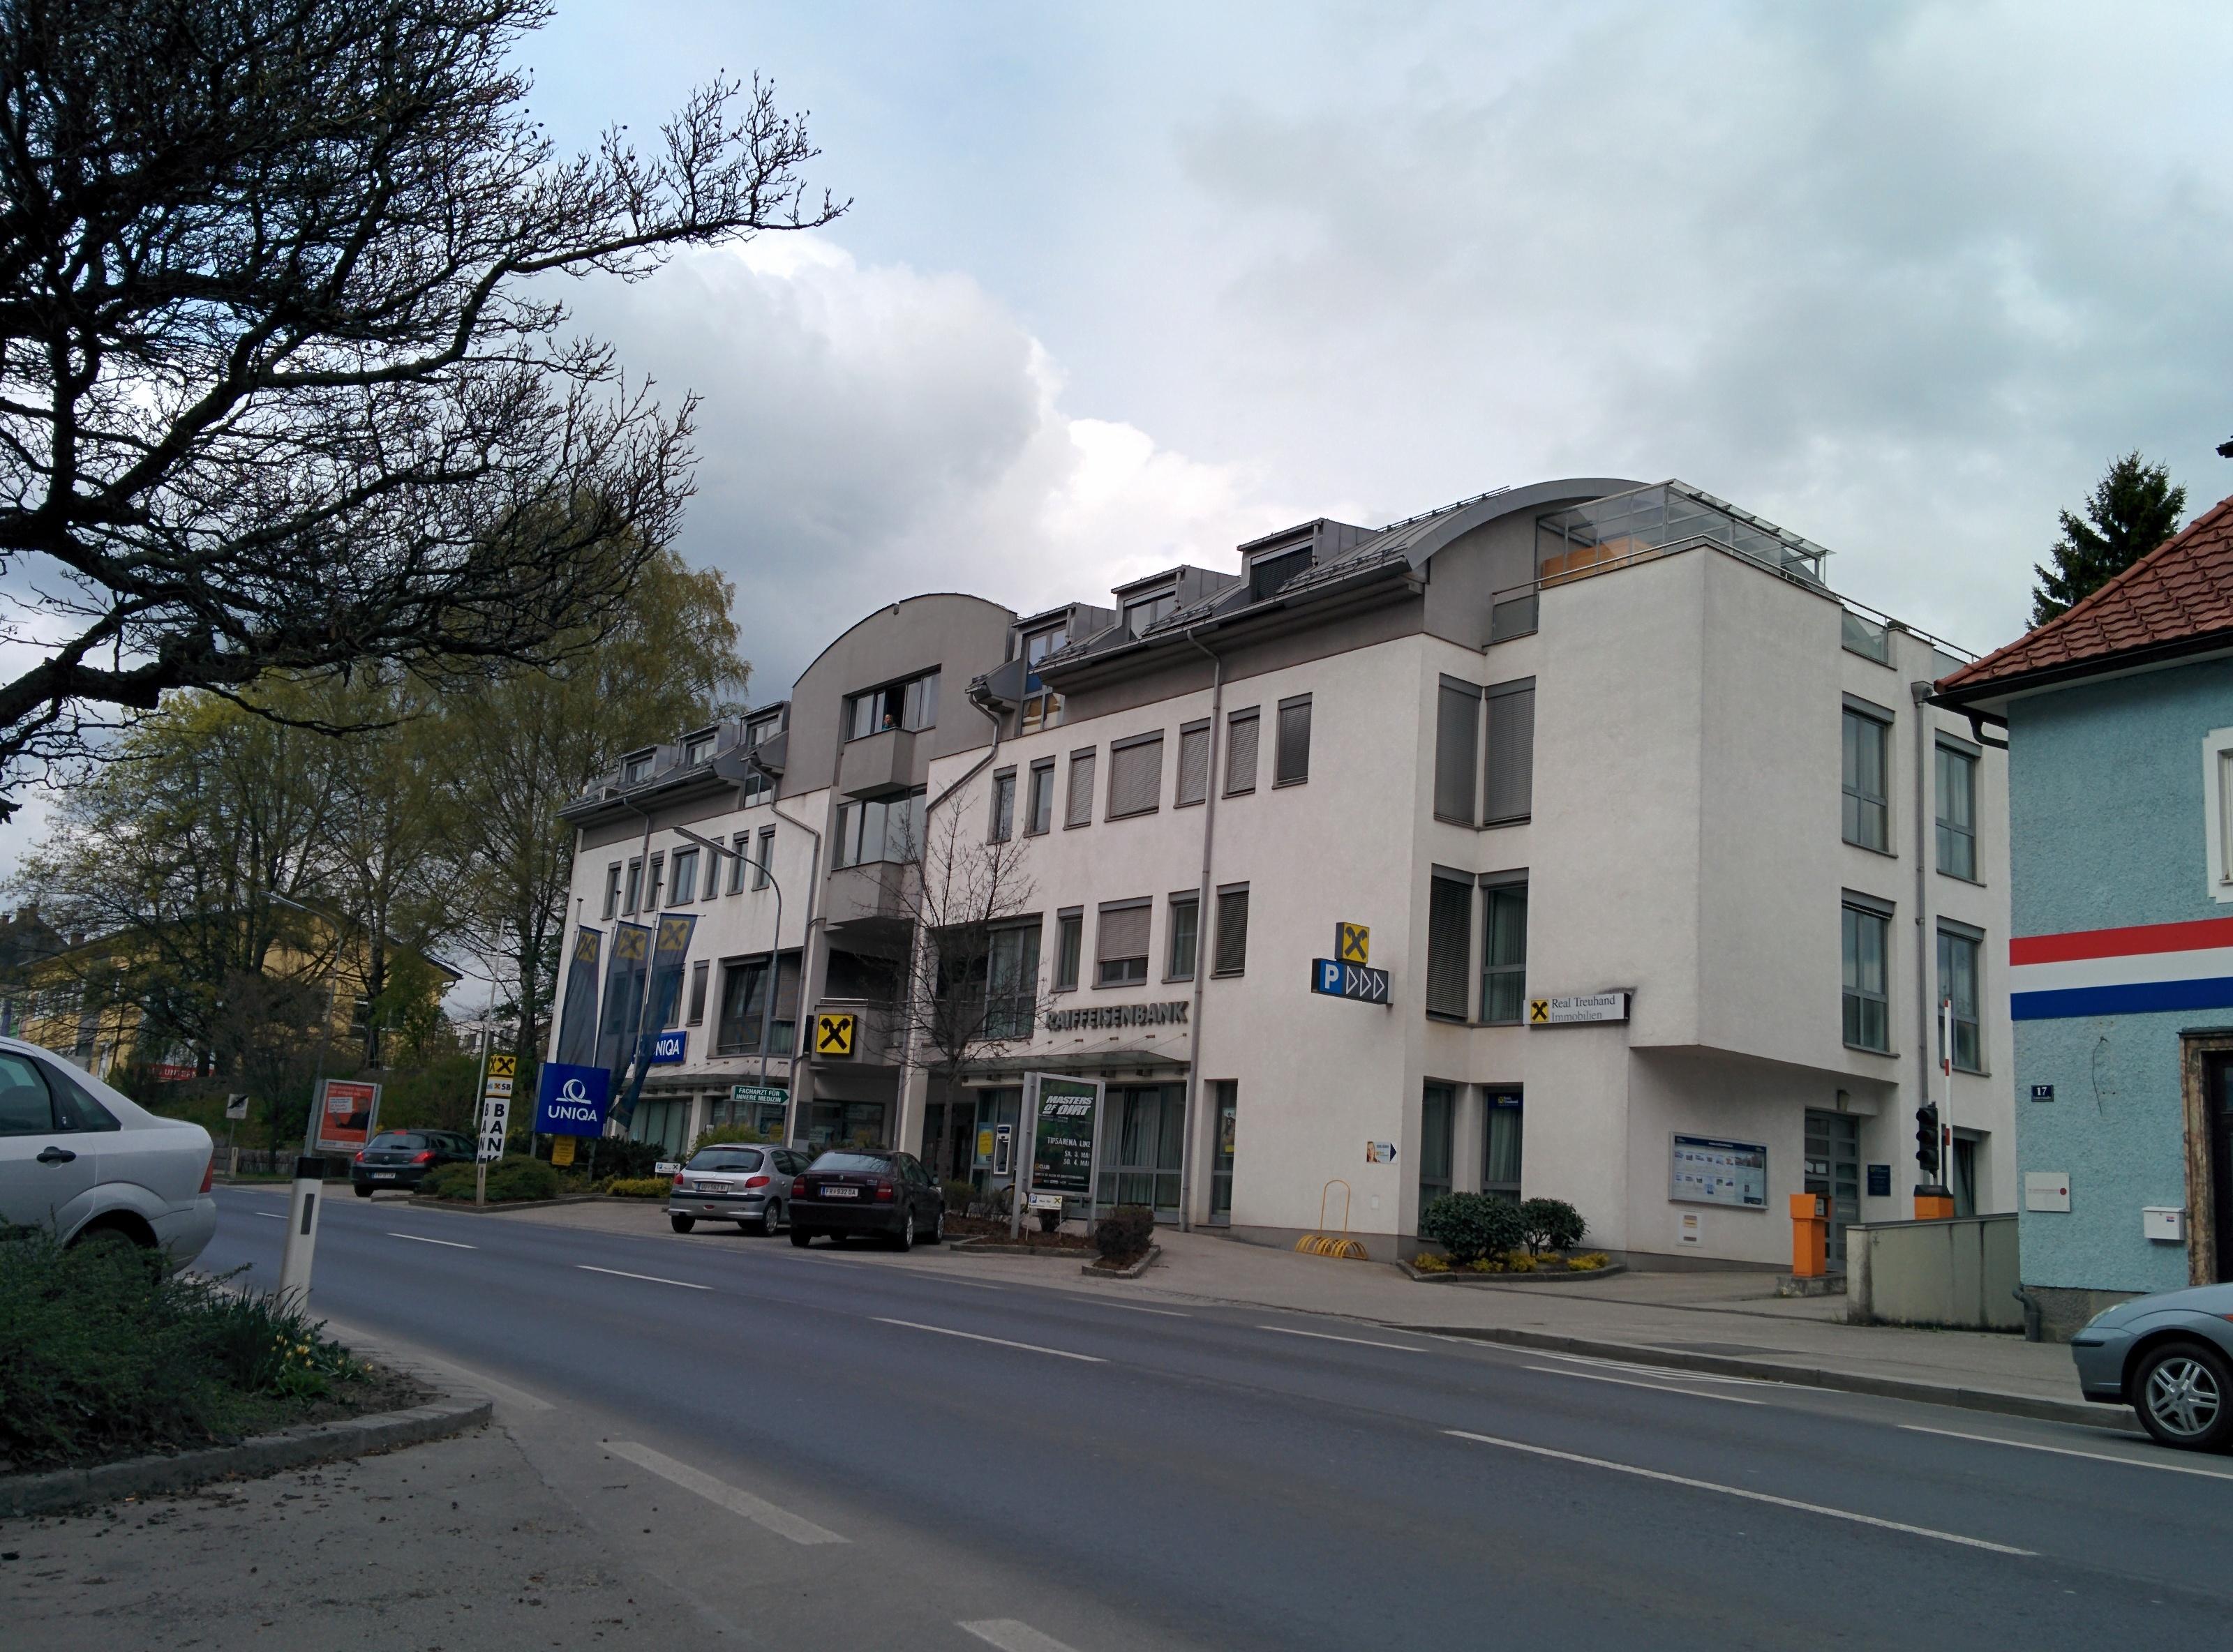 Raiffeisenbank Region Freistadt reg. Gen. m. b. H.